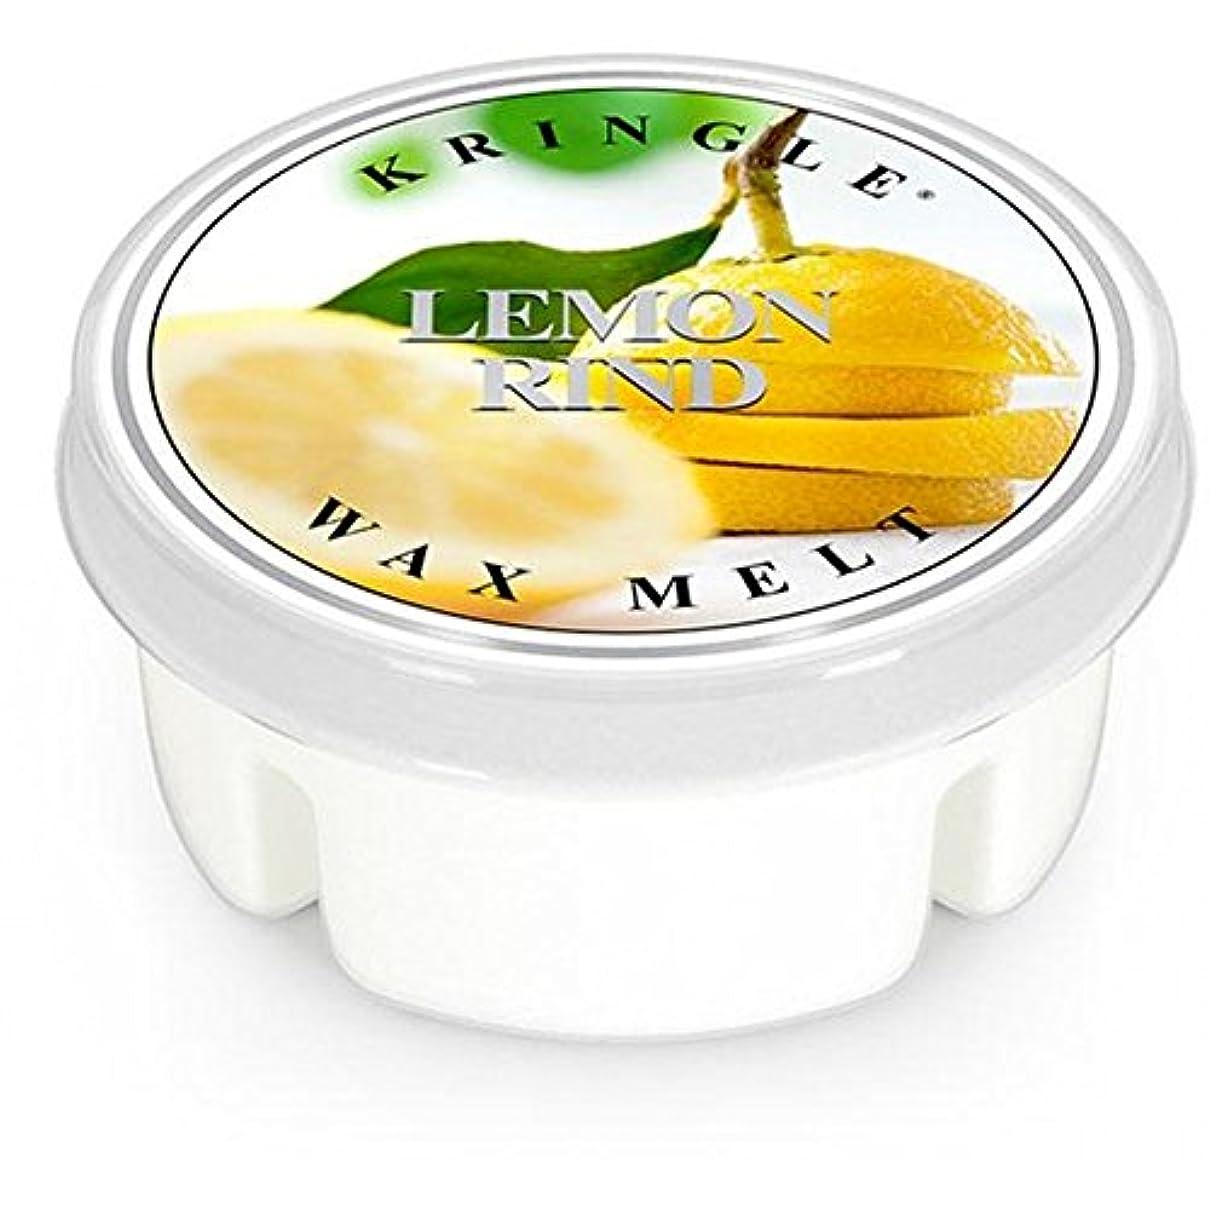 密度後継バナナレモンRind Scented Candle Potpourri Wax Melts (1.25oz) 0028-002200 #151027